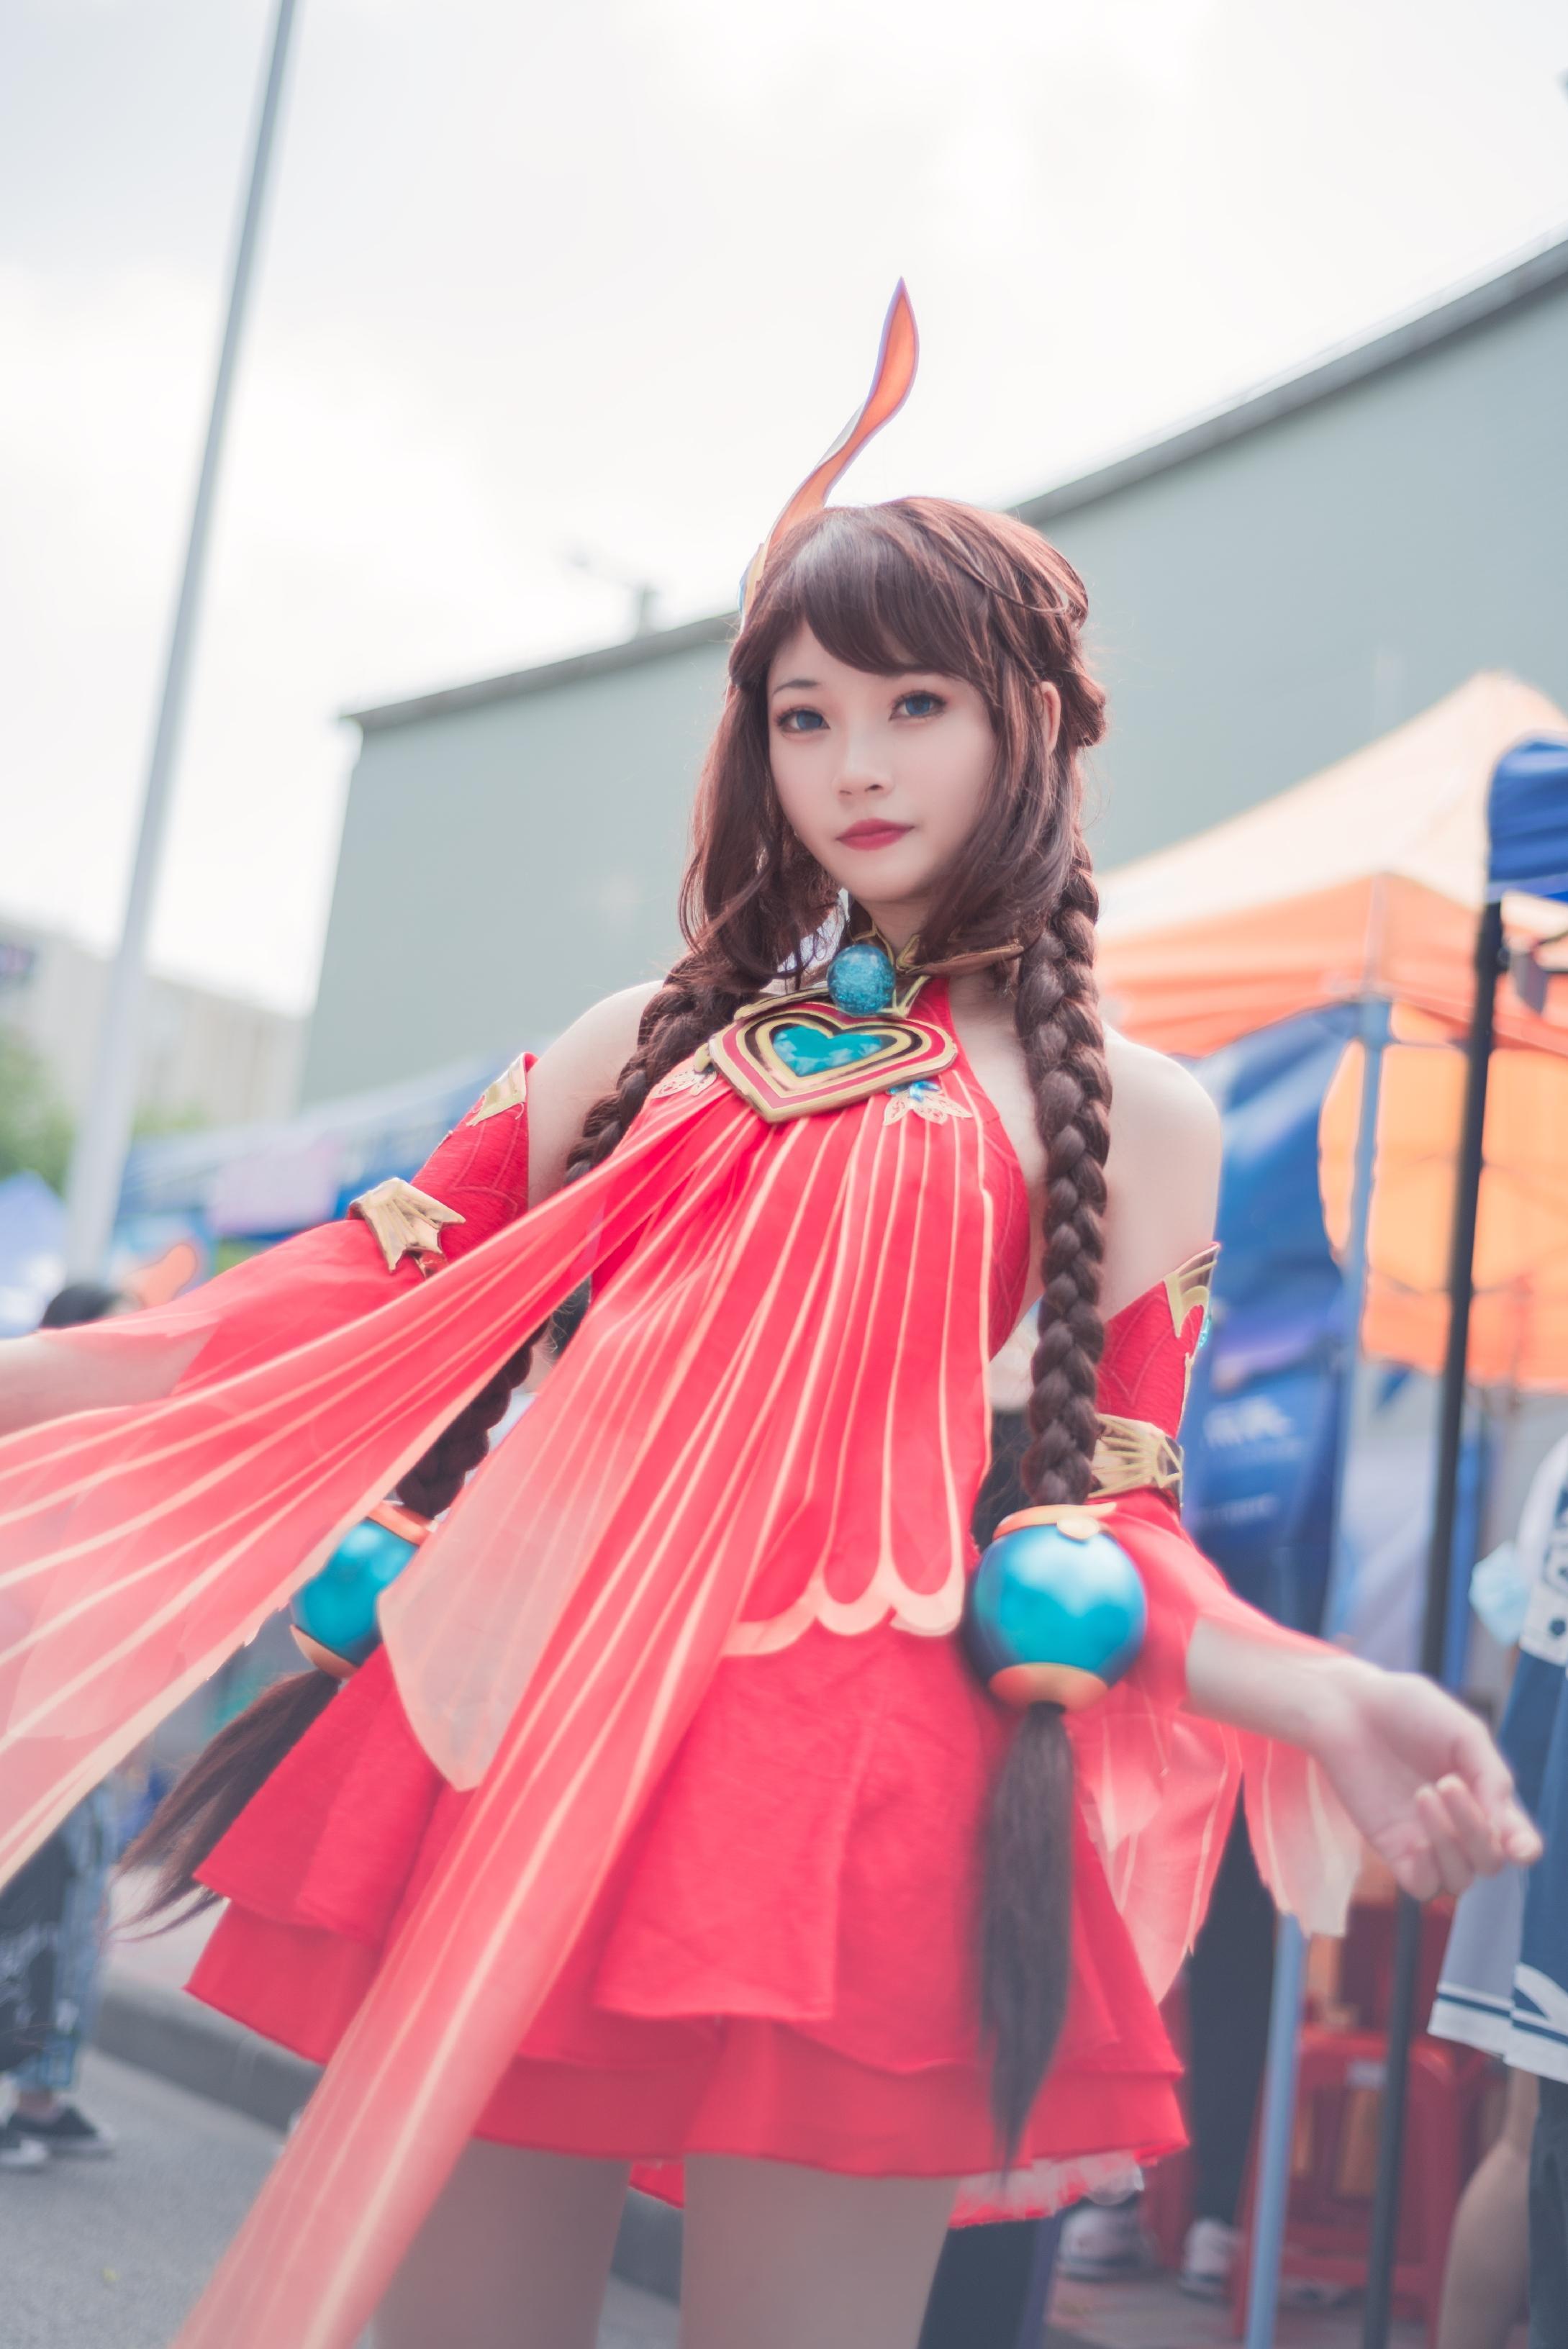 《王者荣耀》王者荣耀大乔cosplay【CN:铅华wr】-第1张